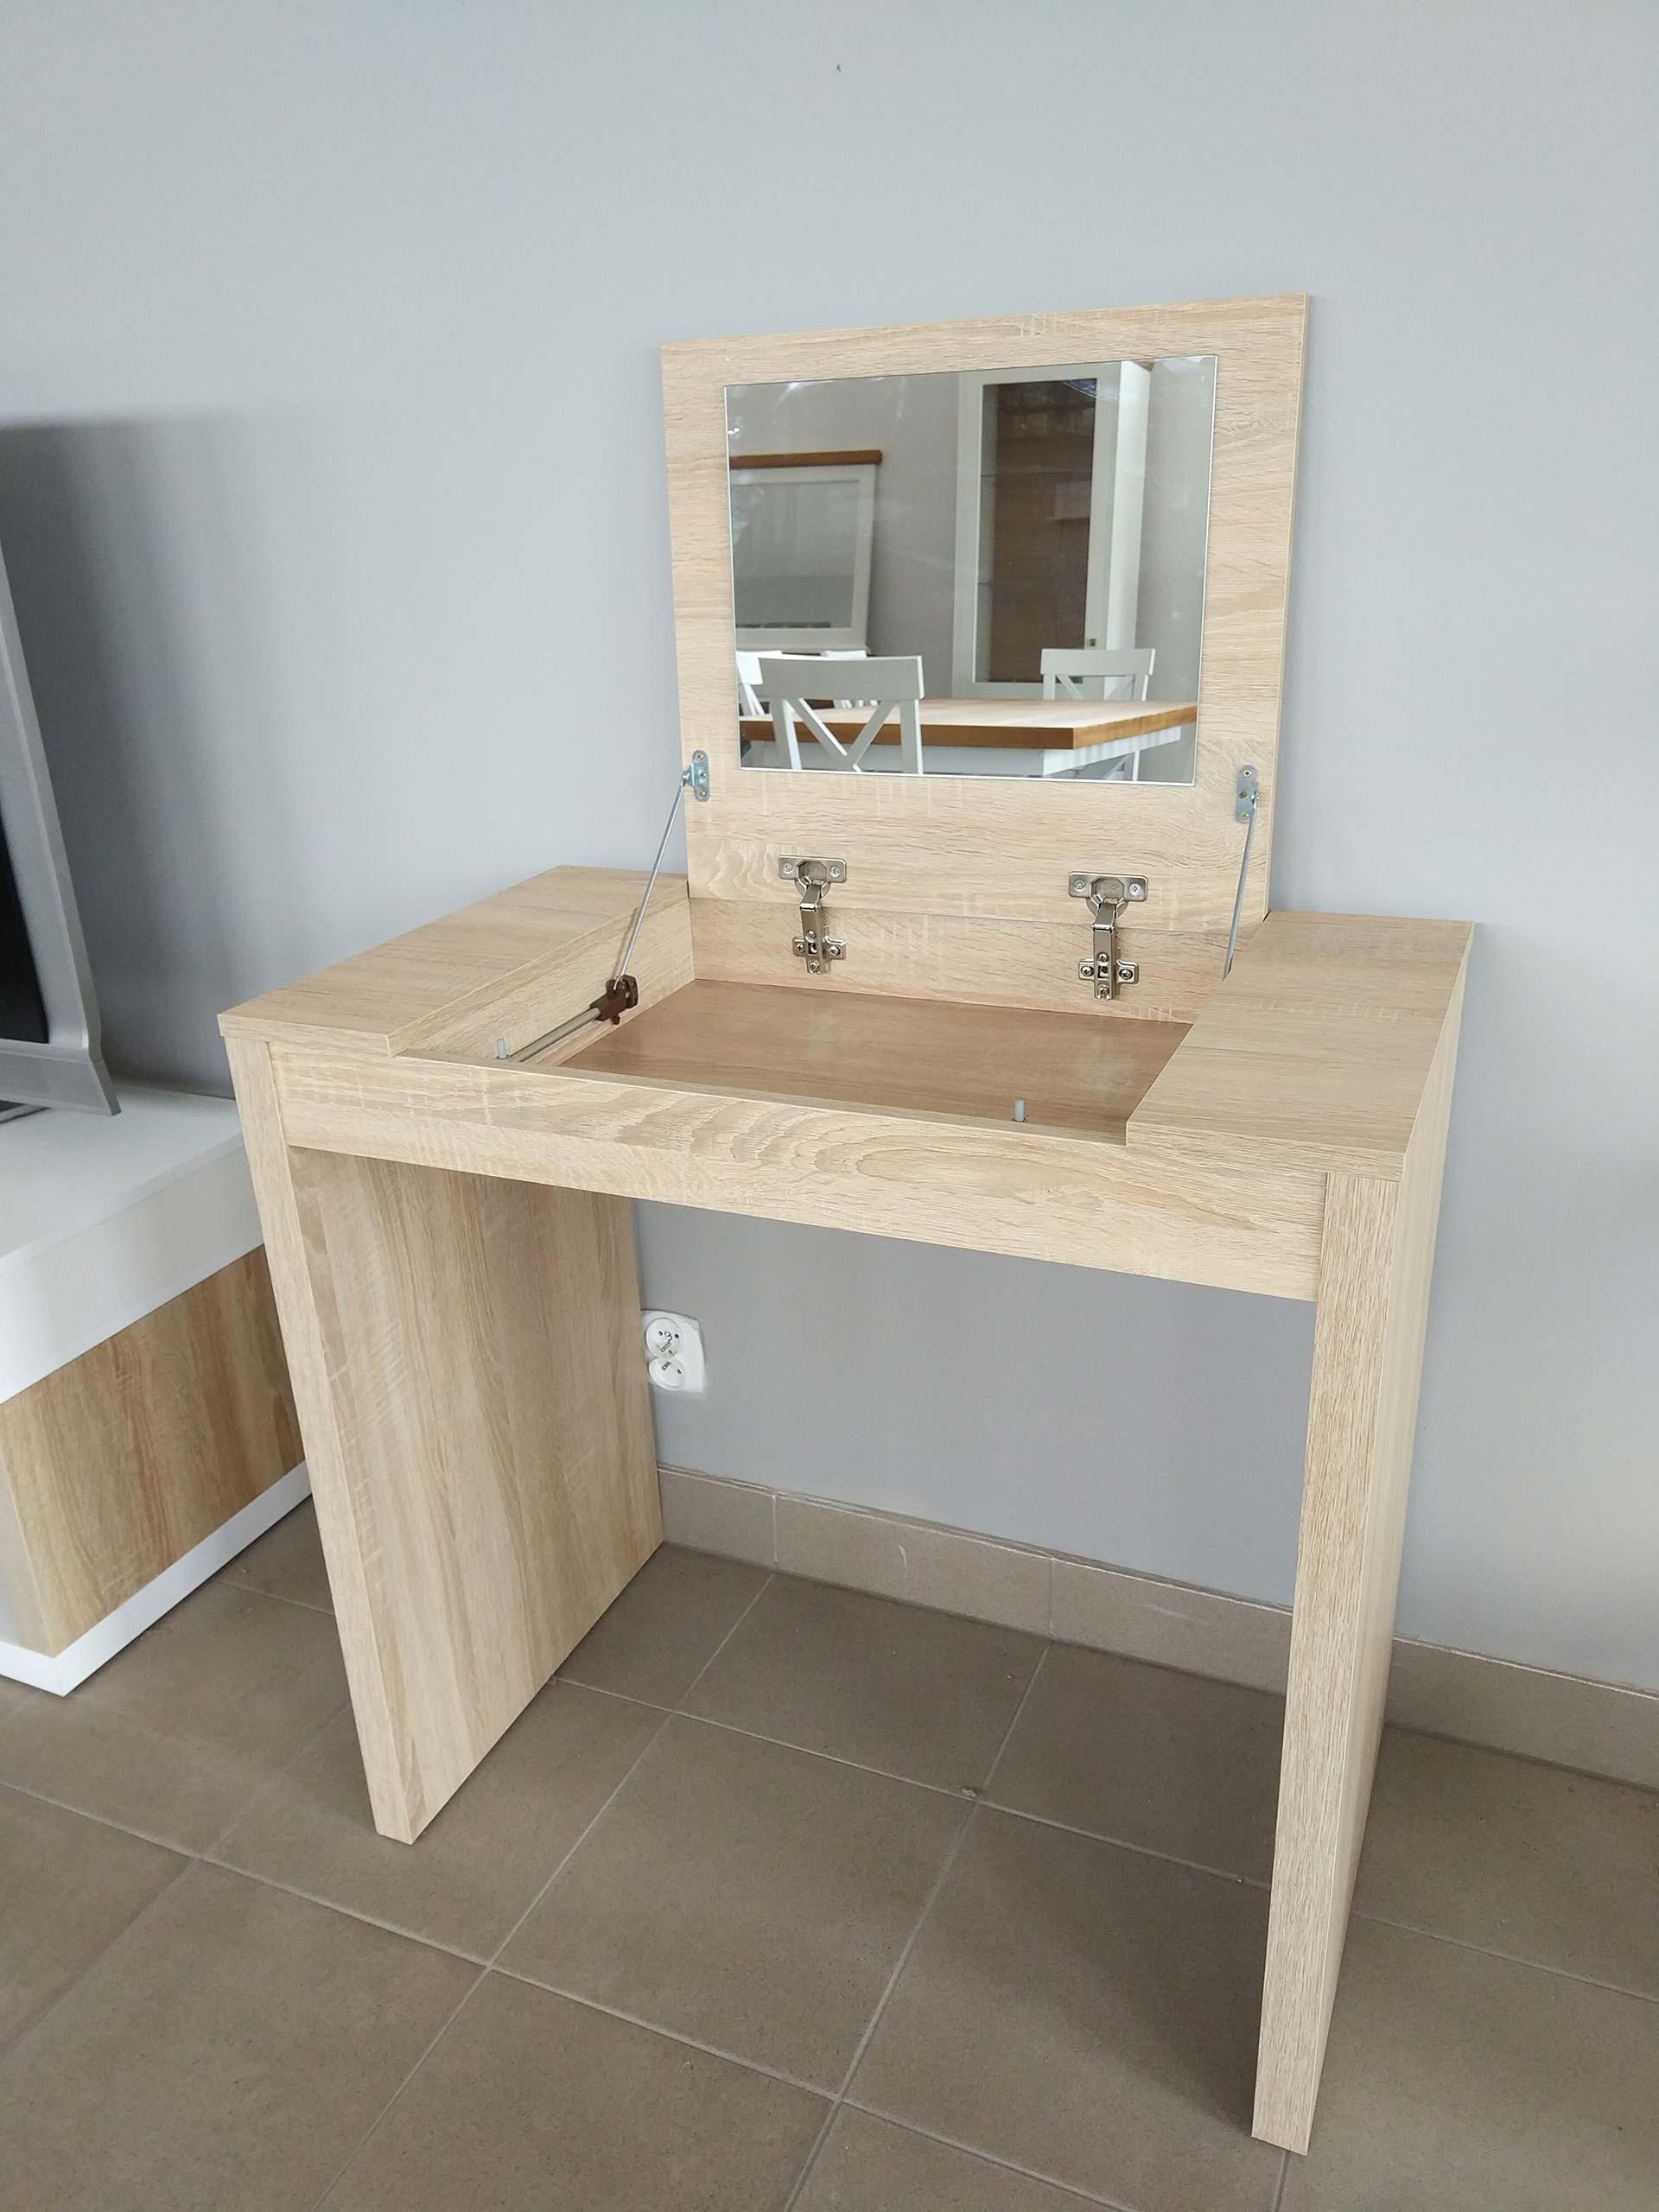 Туалетный столик из письменного стола своими руками. туалетный столик своими руками — несколько практических рекомендаций